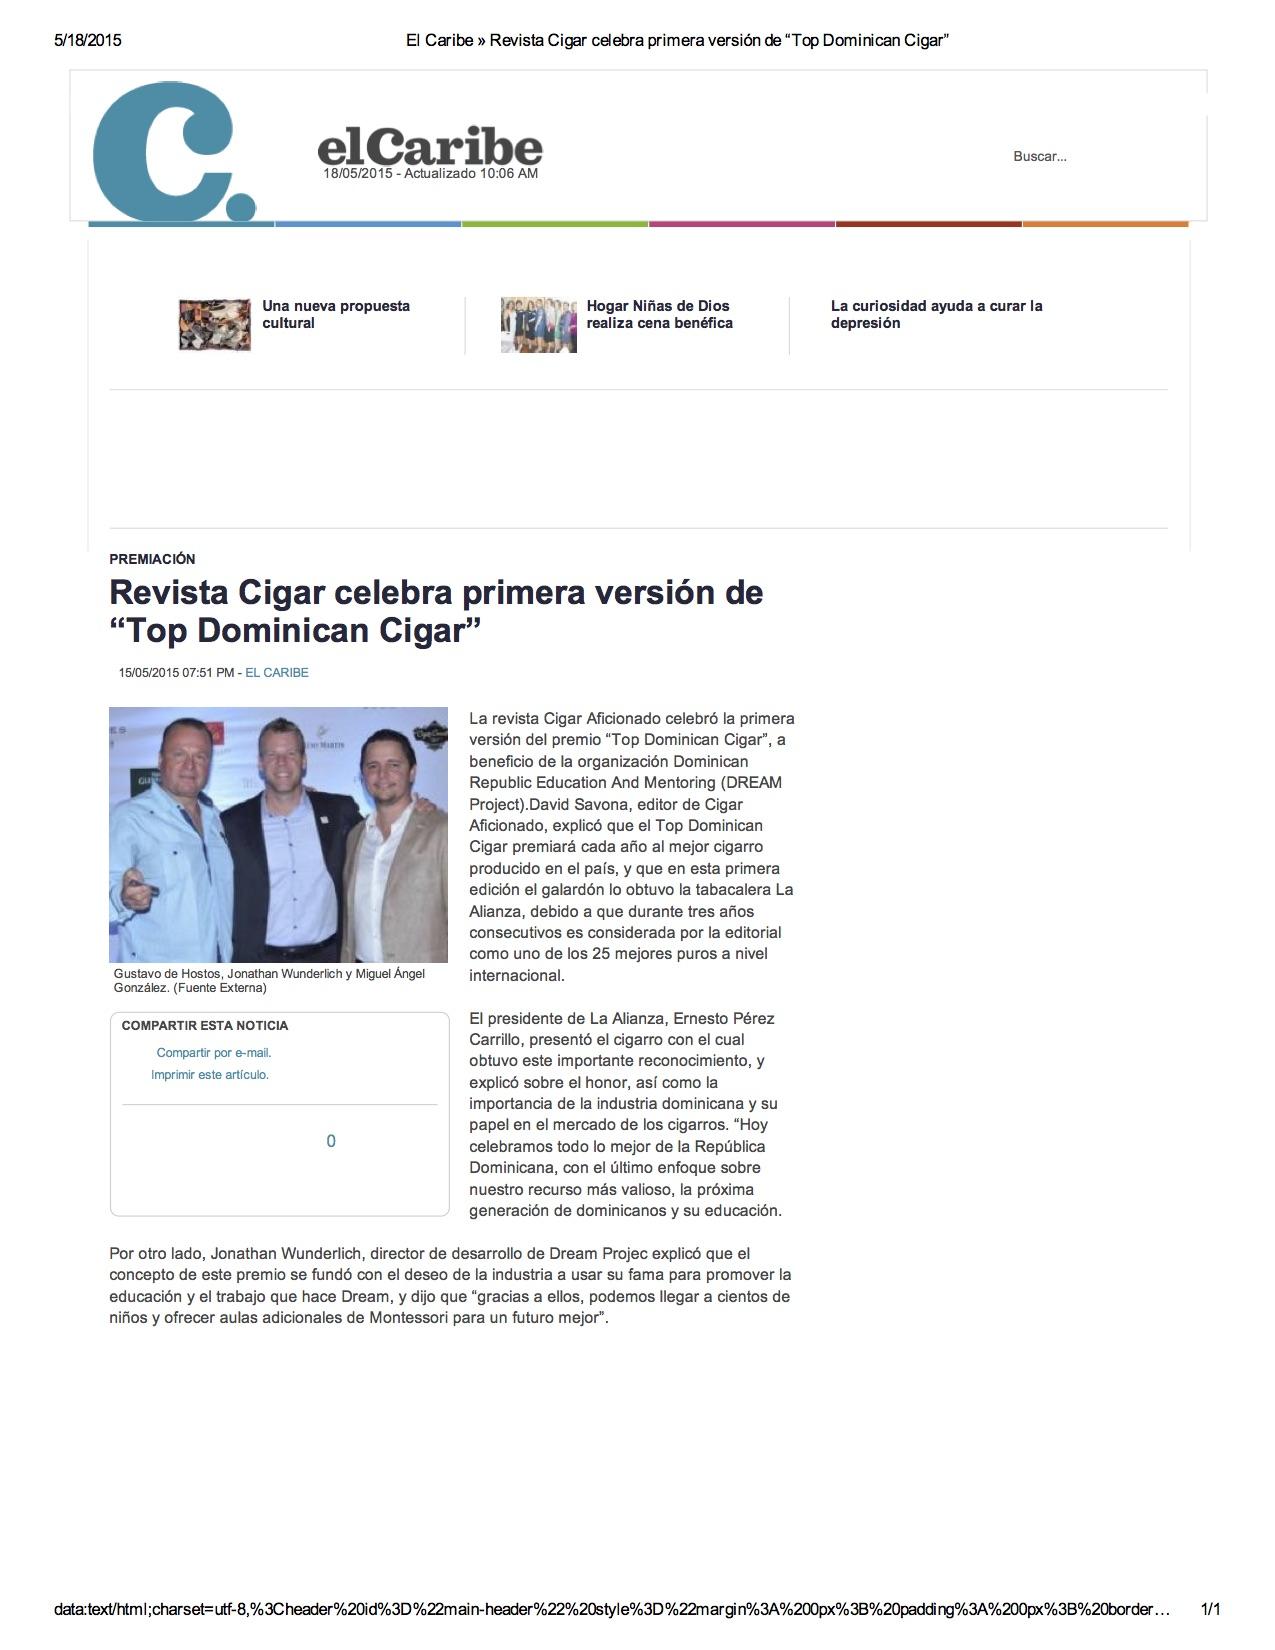 El-Caribe-»-Revista-Cigar-celebra-primera-versión-de-Top-Dominican-Cigar.jpg